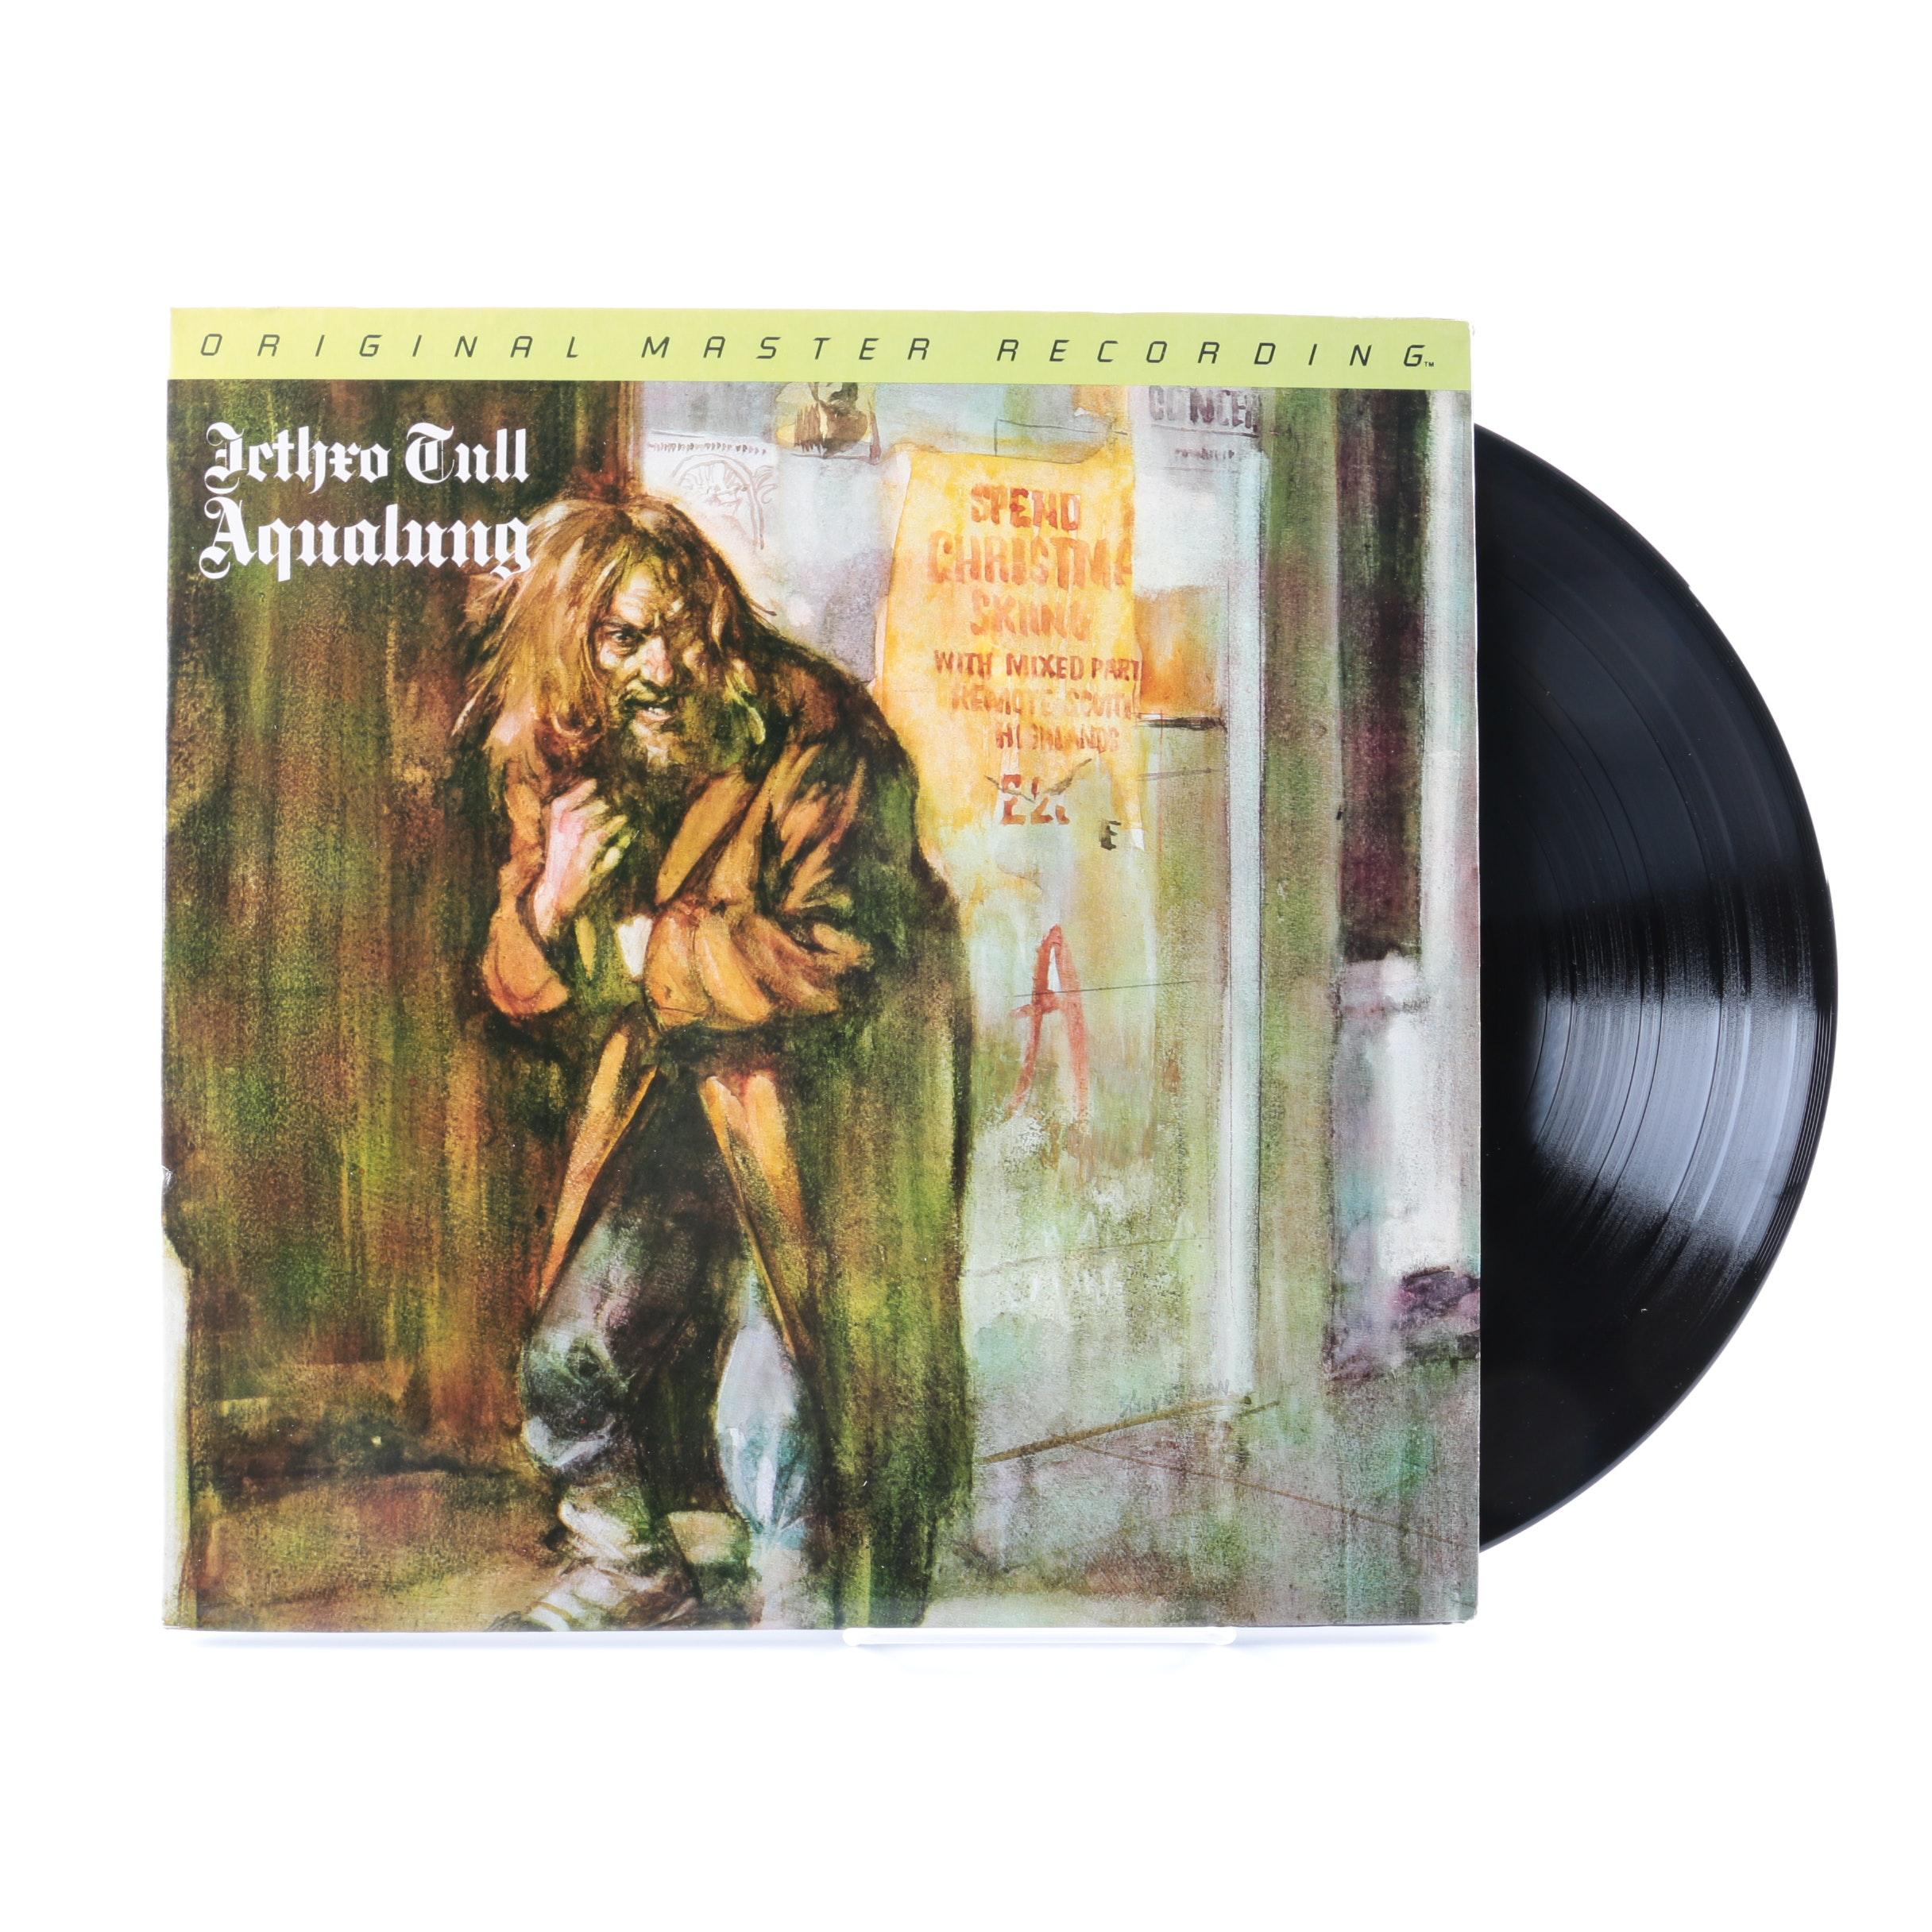 """Jethro Tull """"Aqualung"""" Original Master Recording LP"""